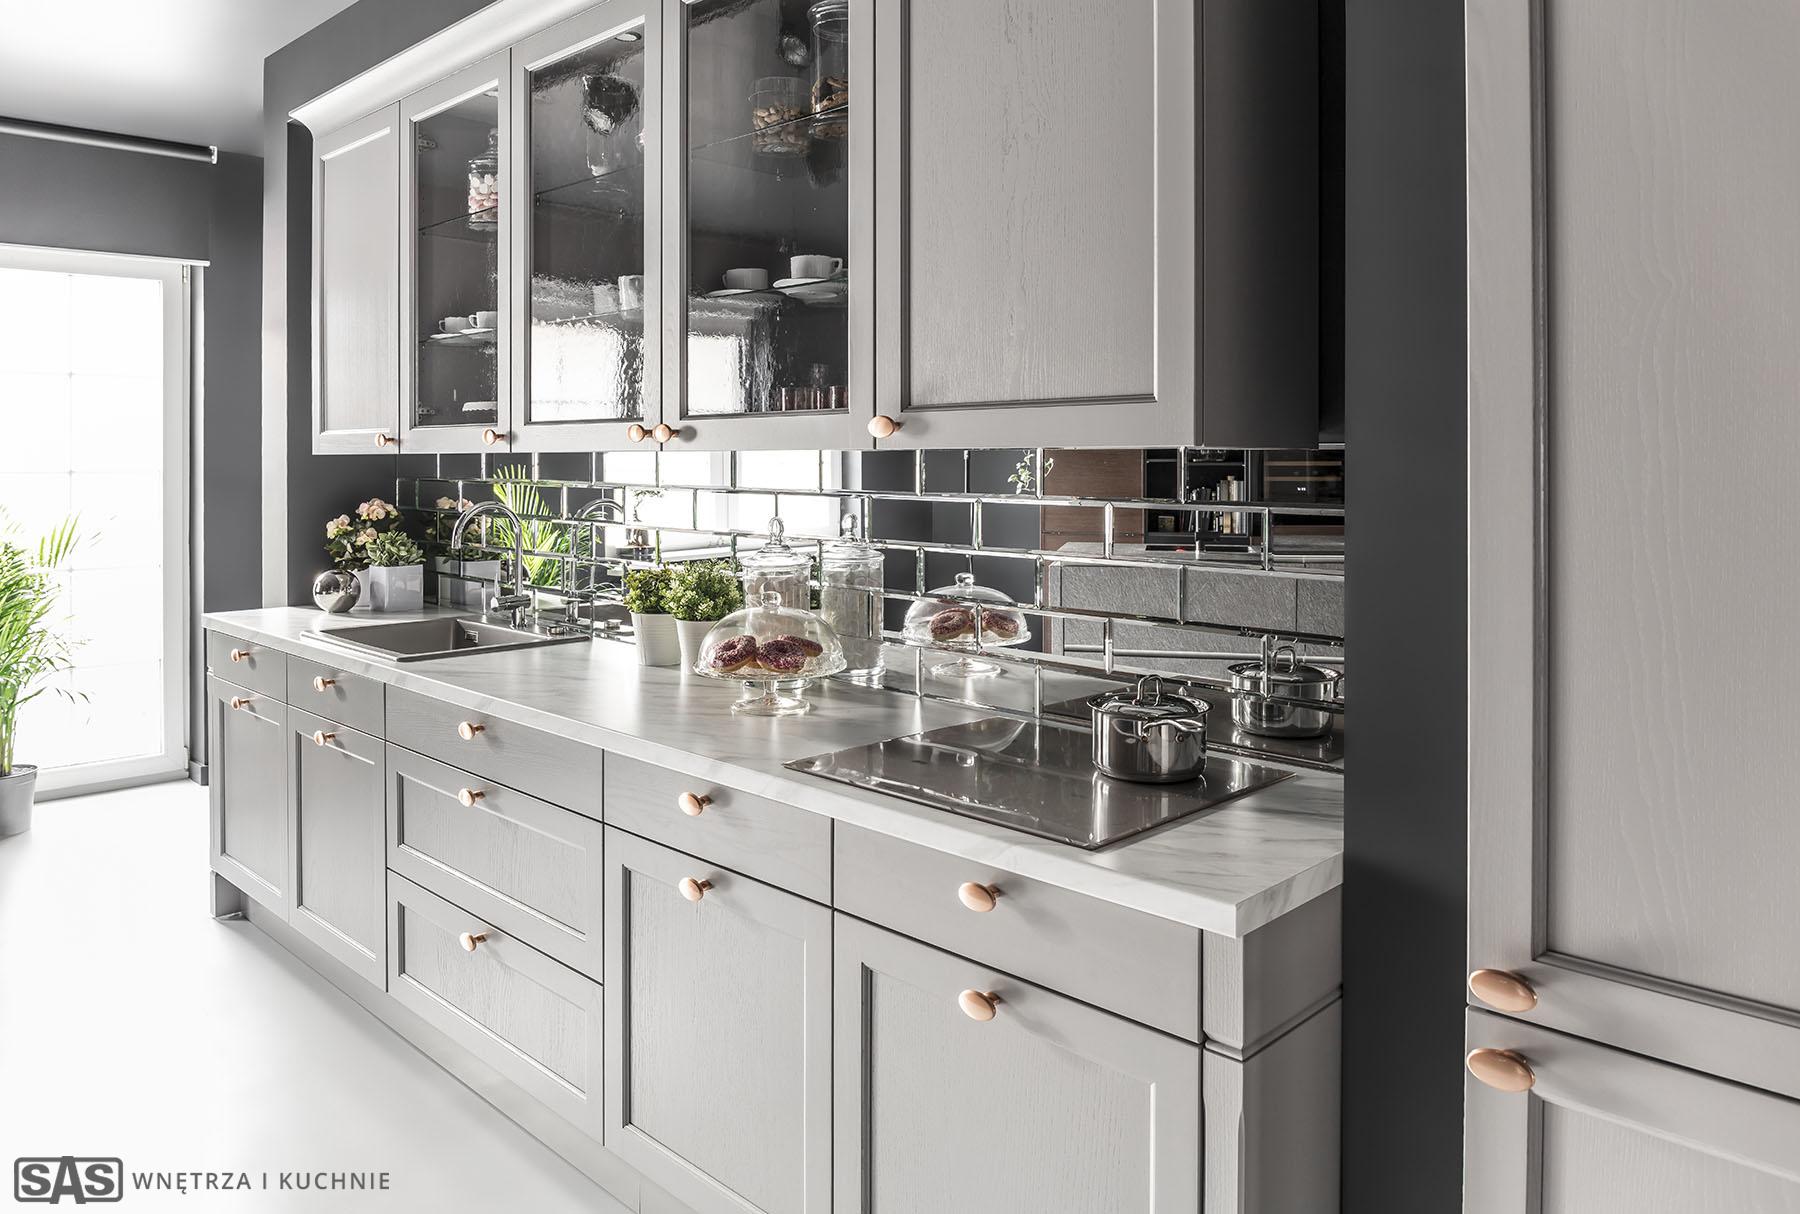 Meble kuchenne na wymiar Brostol - szklane płytki - meble kuchenne SAS Wnętrza i Kuchnia, projekt architekt wnętrz Emilia Strzempek Plasun.